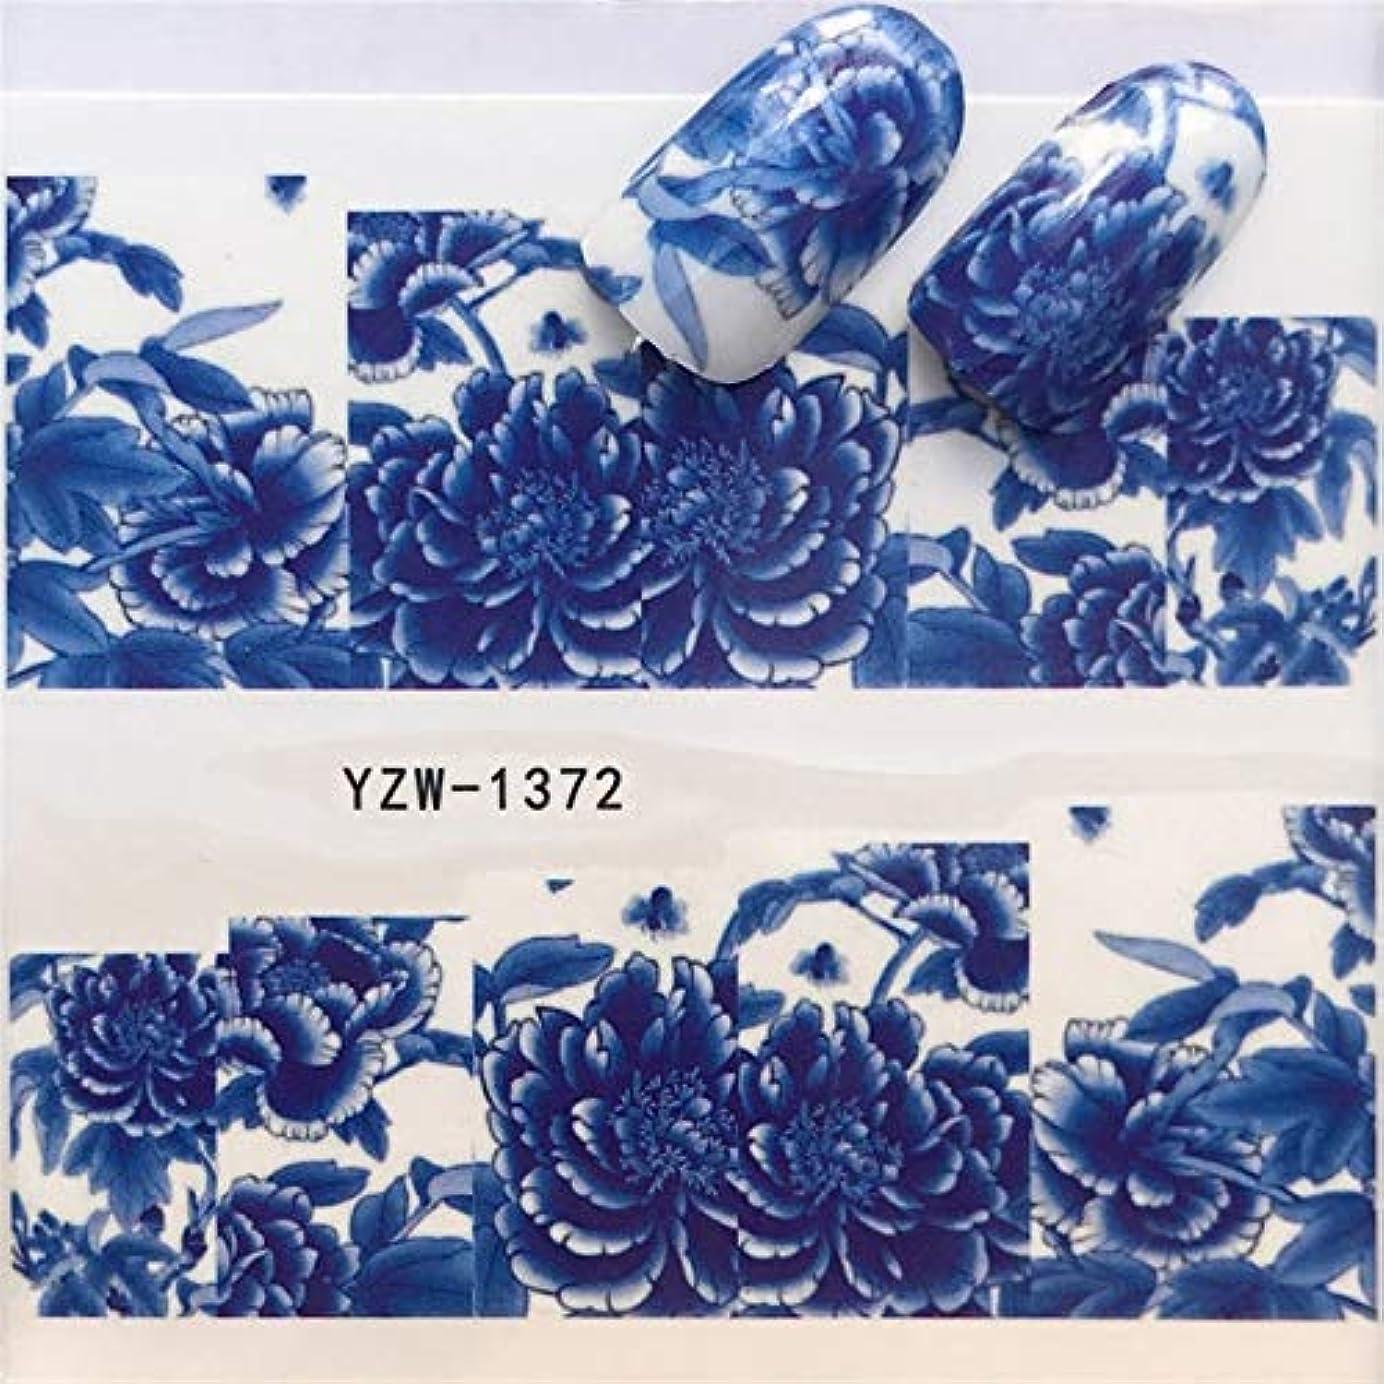 トランペットこねる人ビューティー&パーソナルケア 3個ネイルステッカーセットデカール水転写スライダーネイルアートデコレーション、色:YZW 1372 ステッカー&デカール